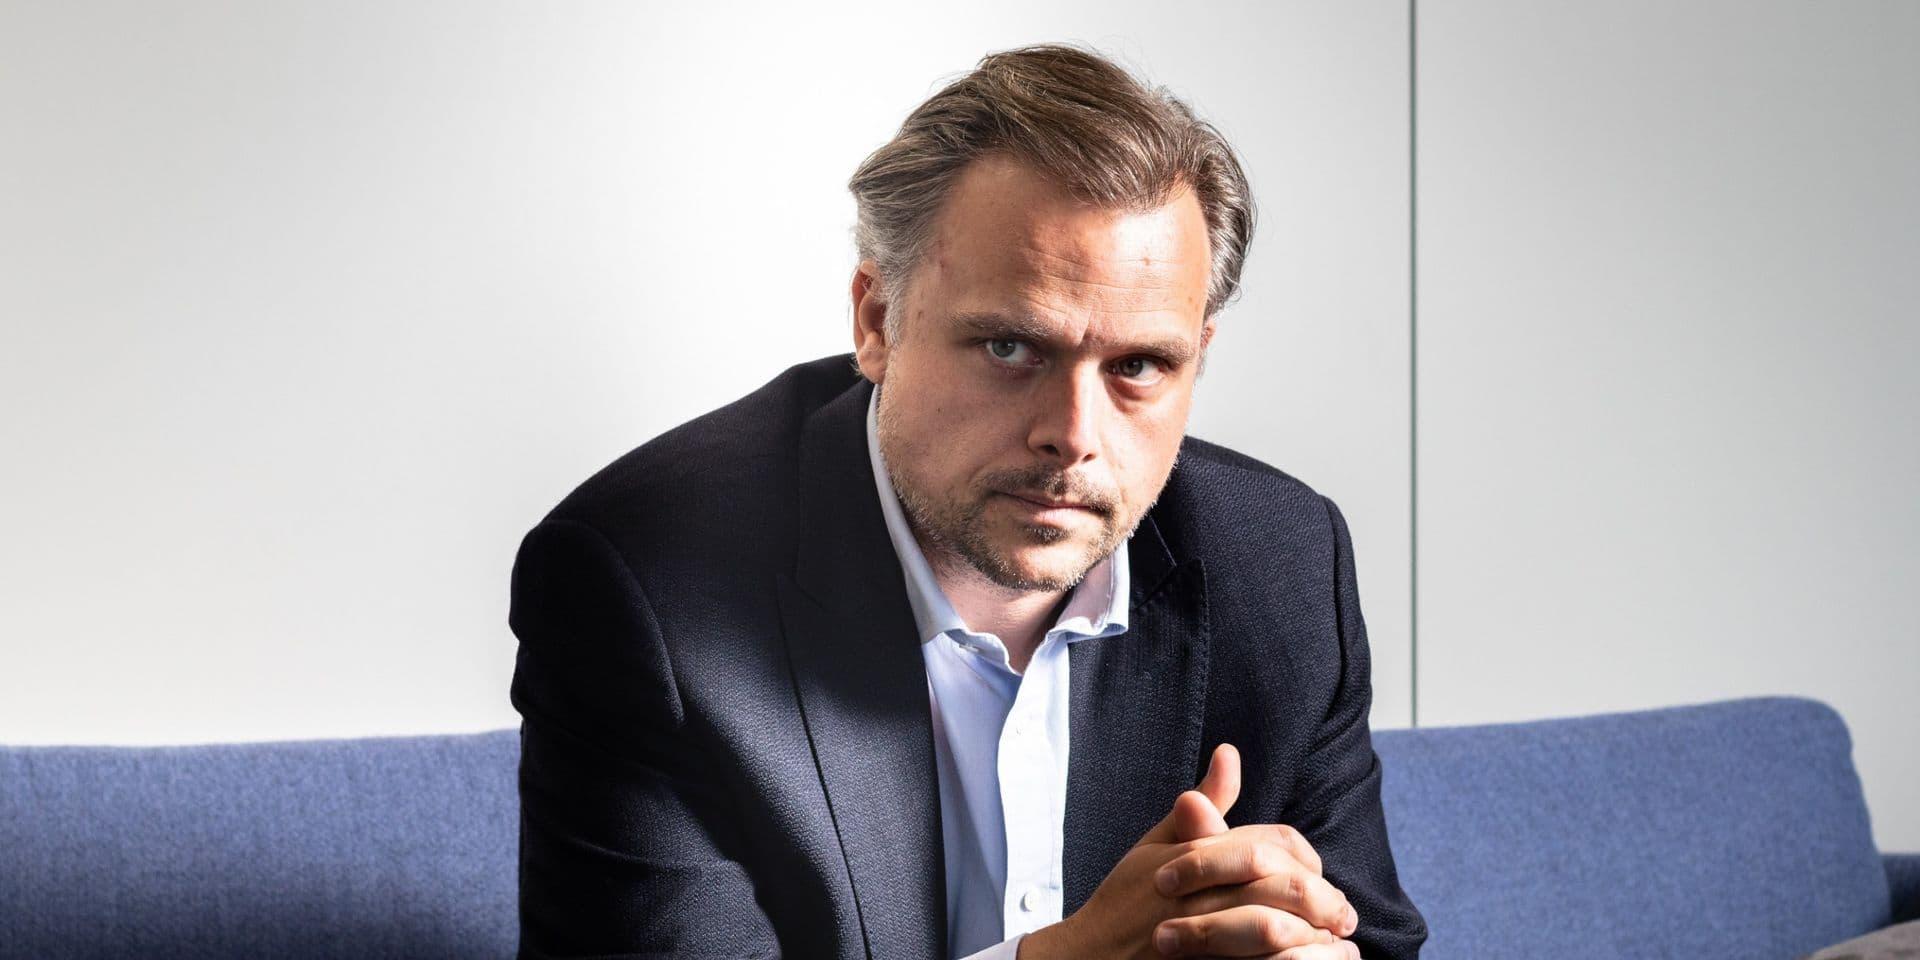 """""""L'immobilisme tue pendant une crise"""": pour Philippe De Backer, la complexité du système belge a ralenti la gestion de la pandémie"""